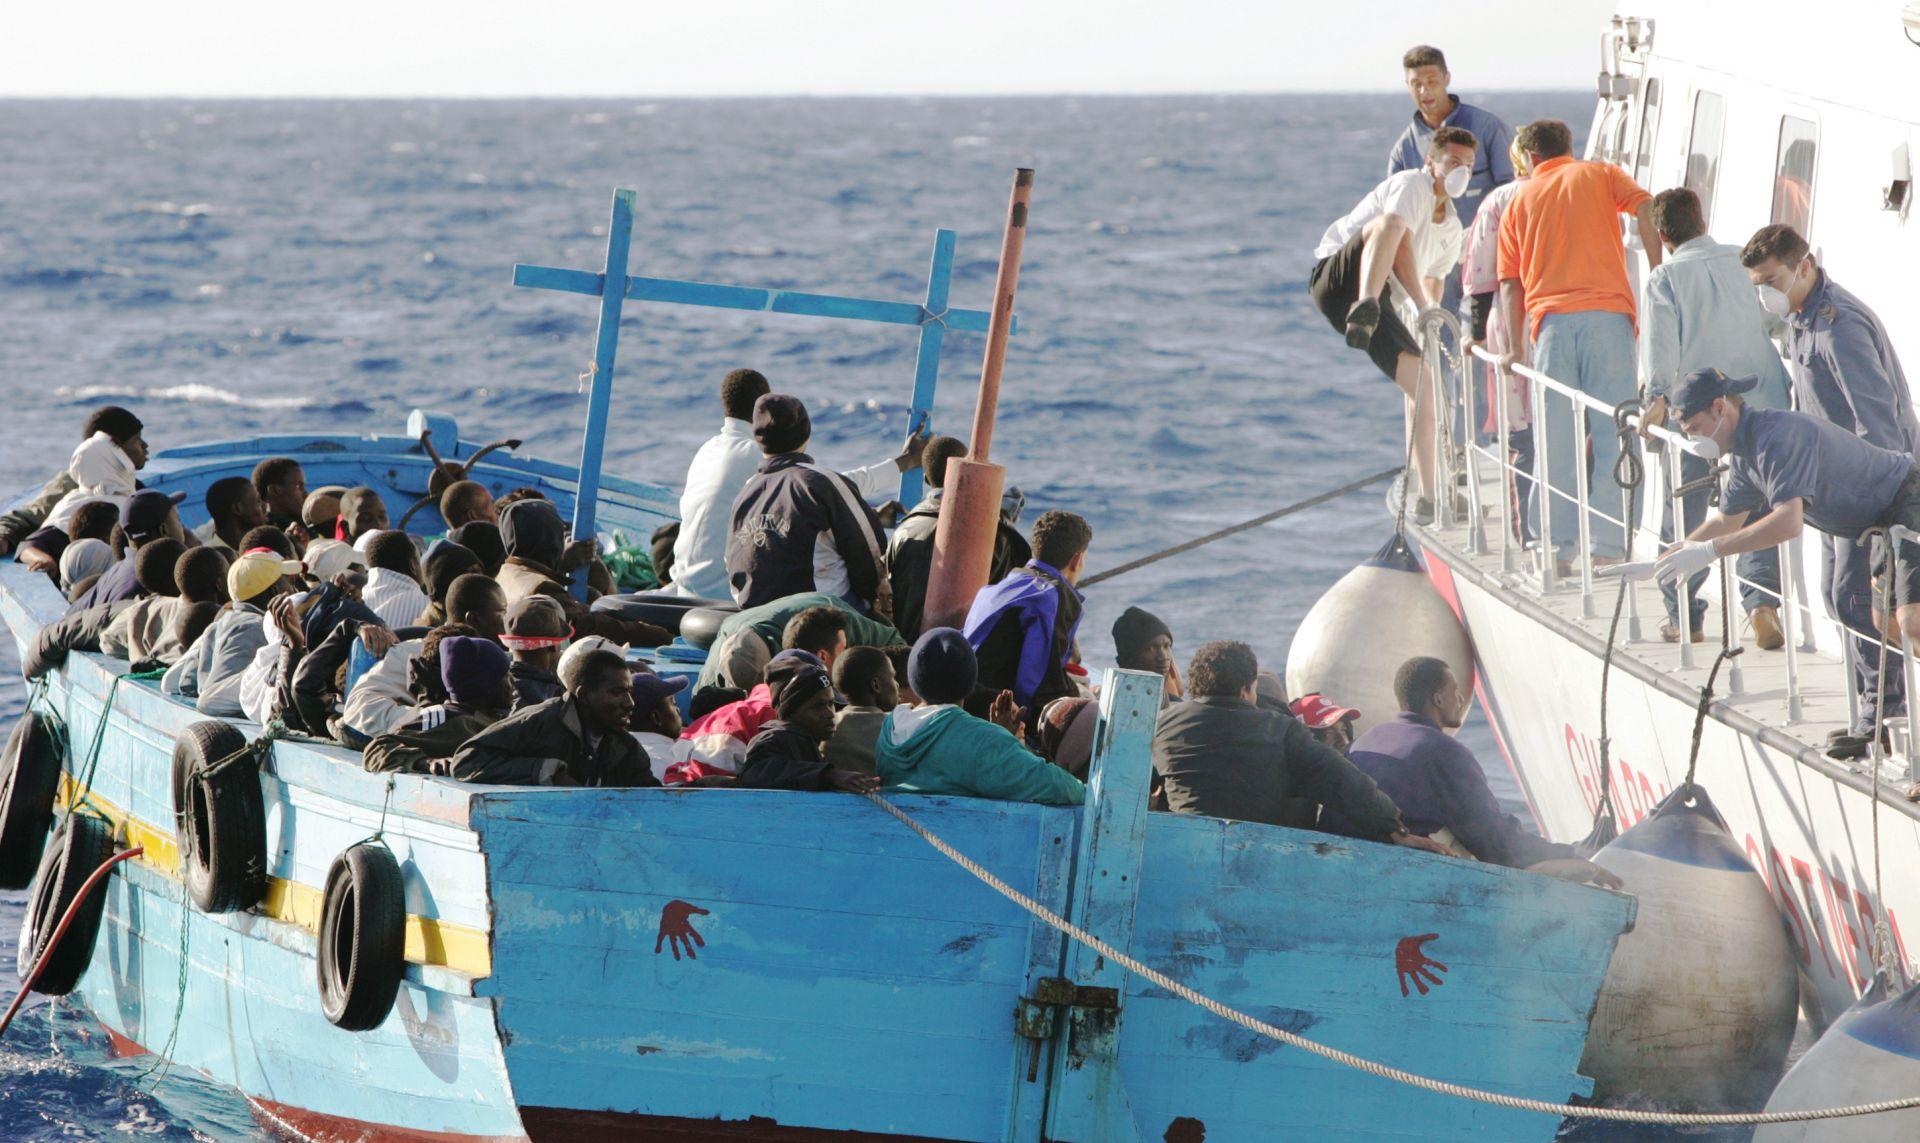 TUŽNA SUDBINA IZBJEGLICA Na brodu kod Libije pronađeno 50 mrtvih migranata